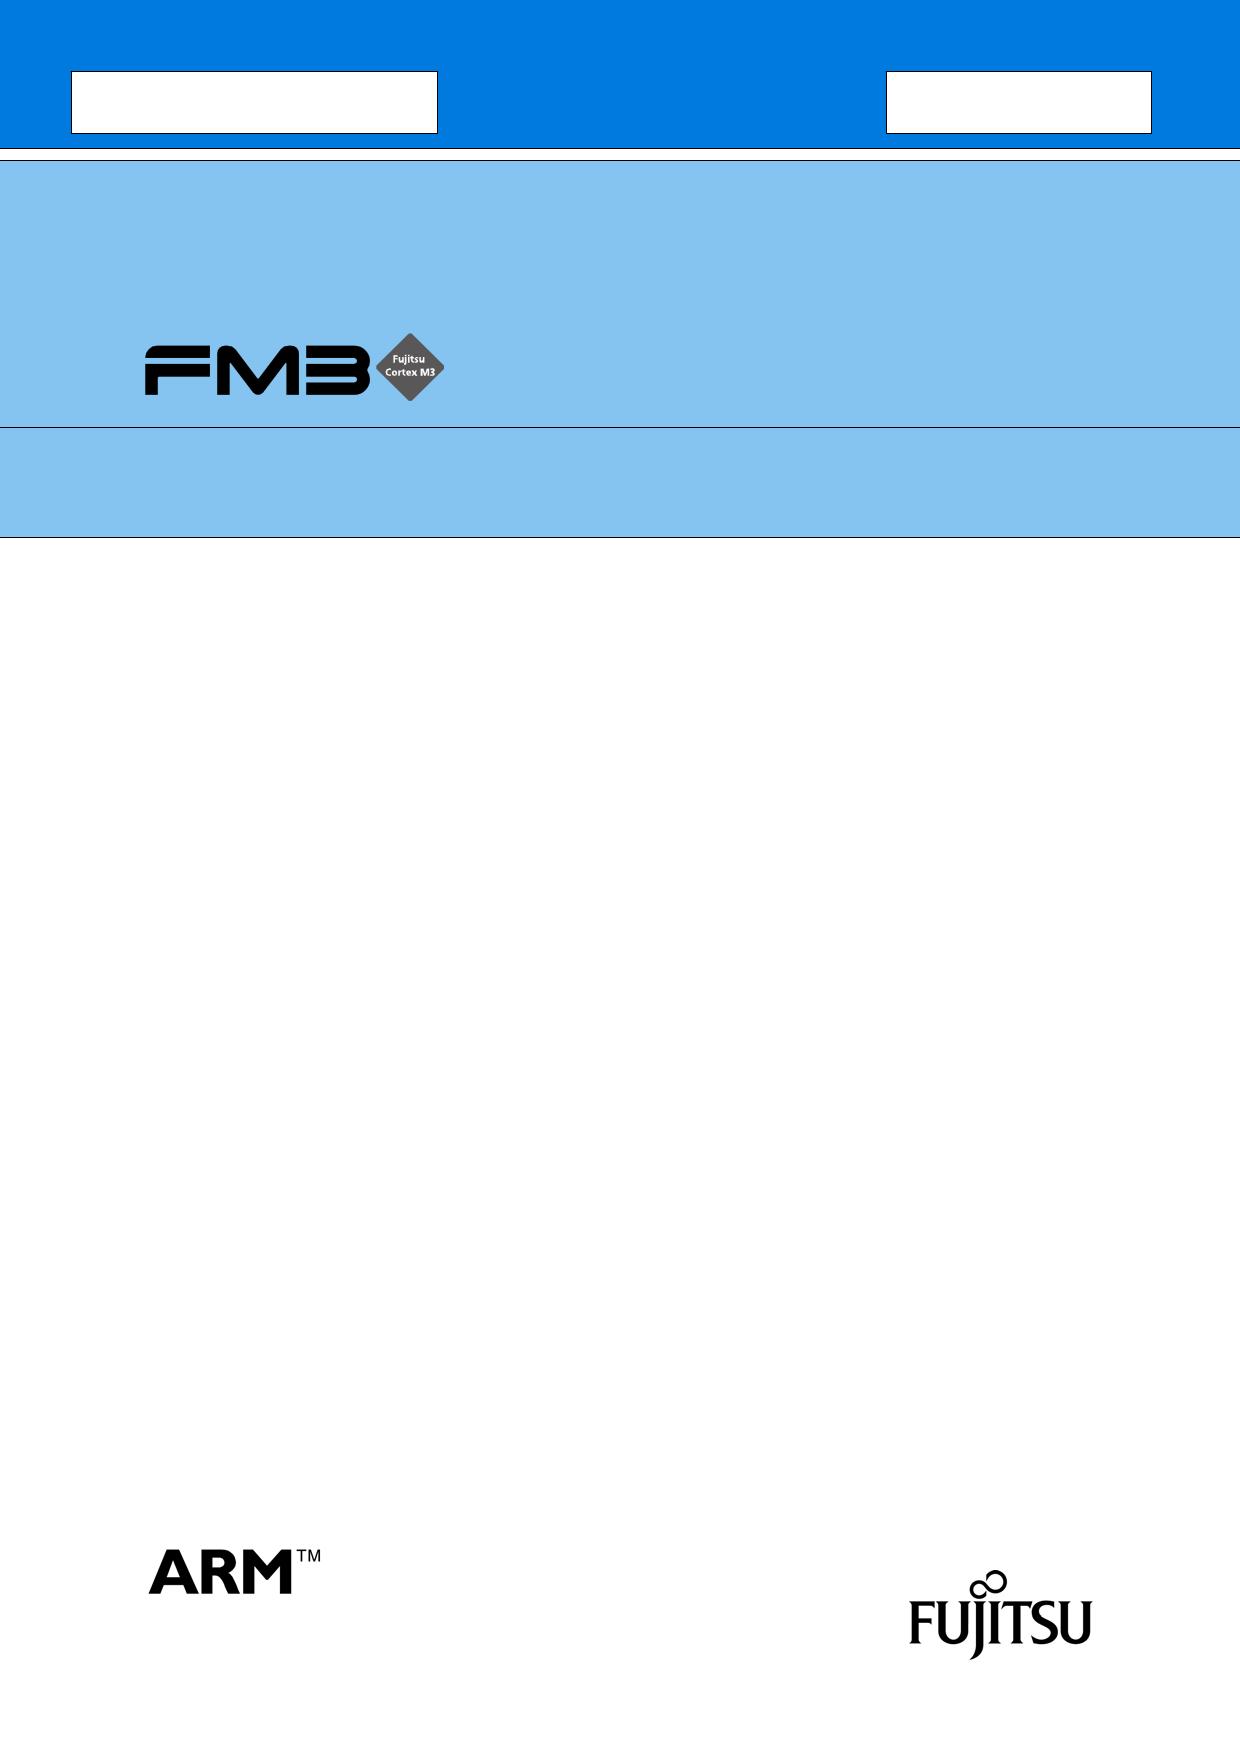 MB9BF322K 데이터시트 및 MB9BF322K PDF